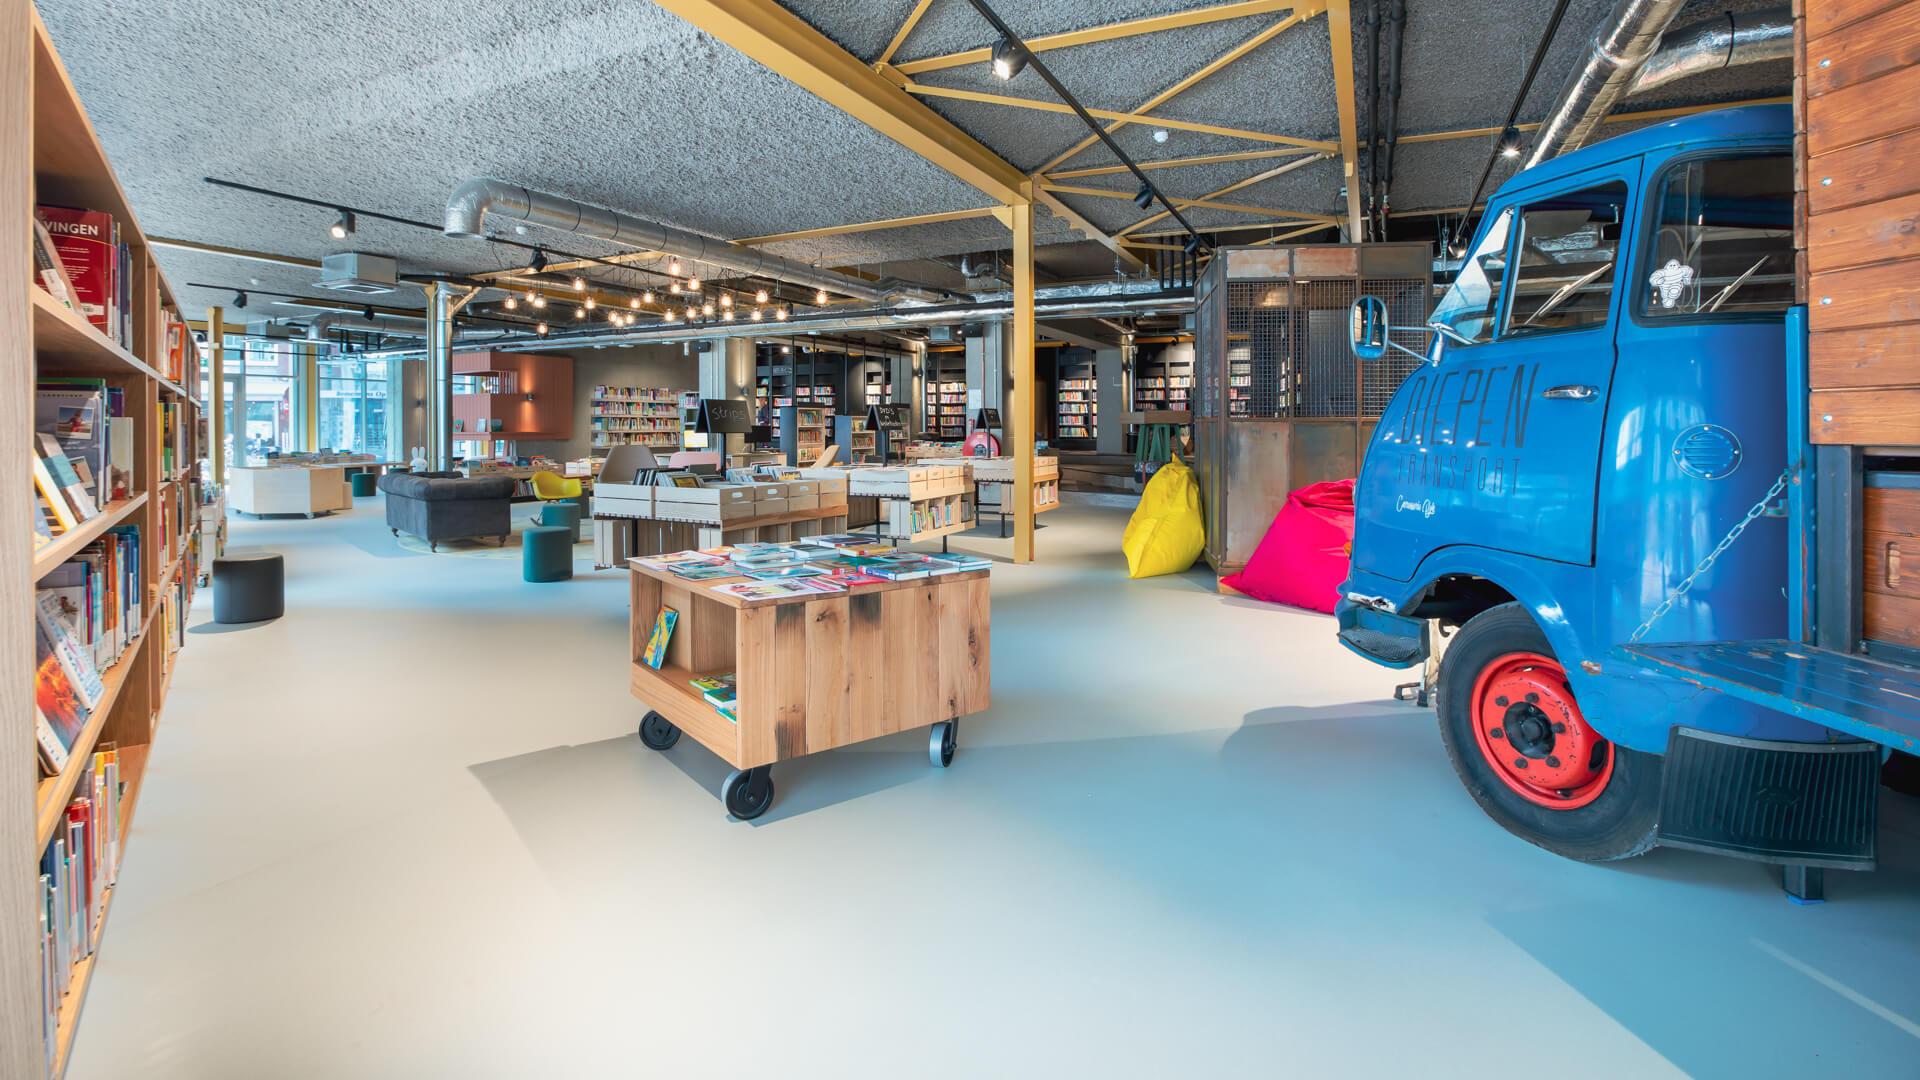 Aatvos_HUB-Kerkrade-social-library-design6